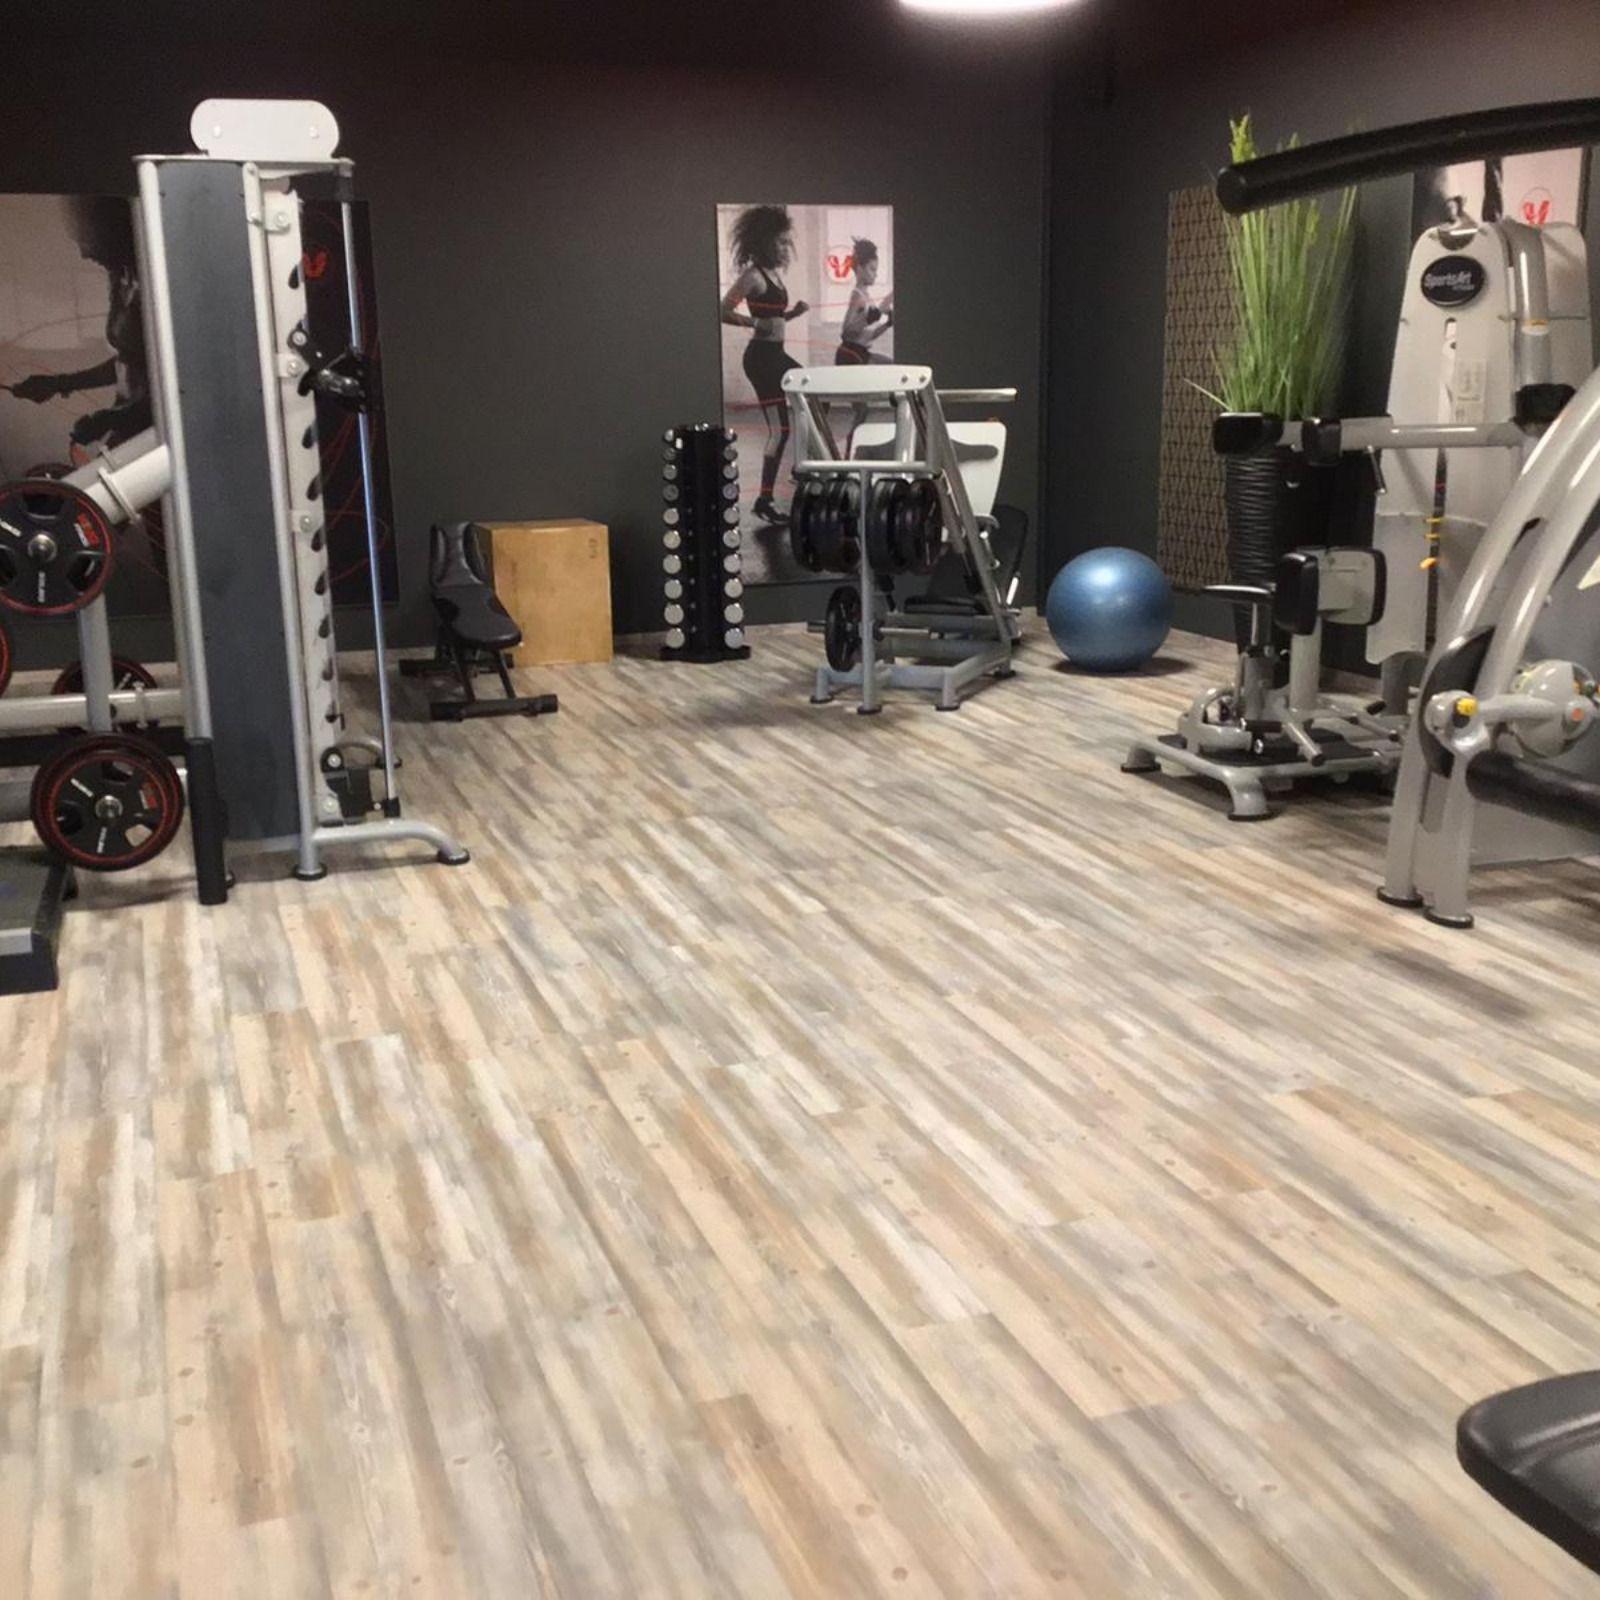 Sol Pour Salle De Sport gamme coretec® | salle de sport, bois et revetement sol